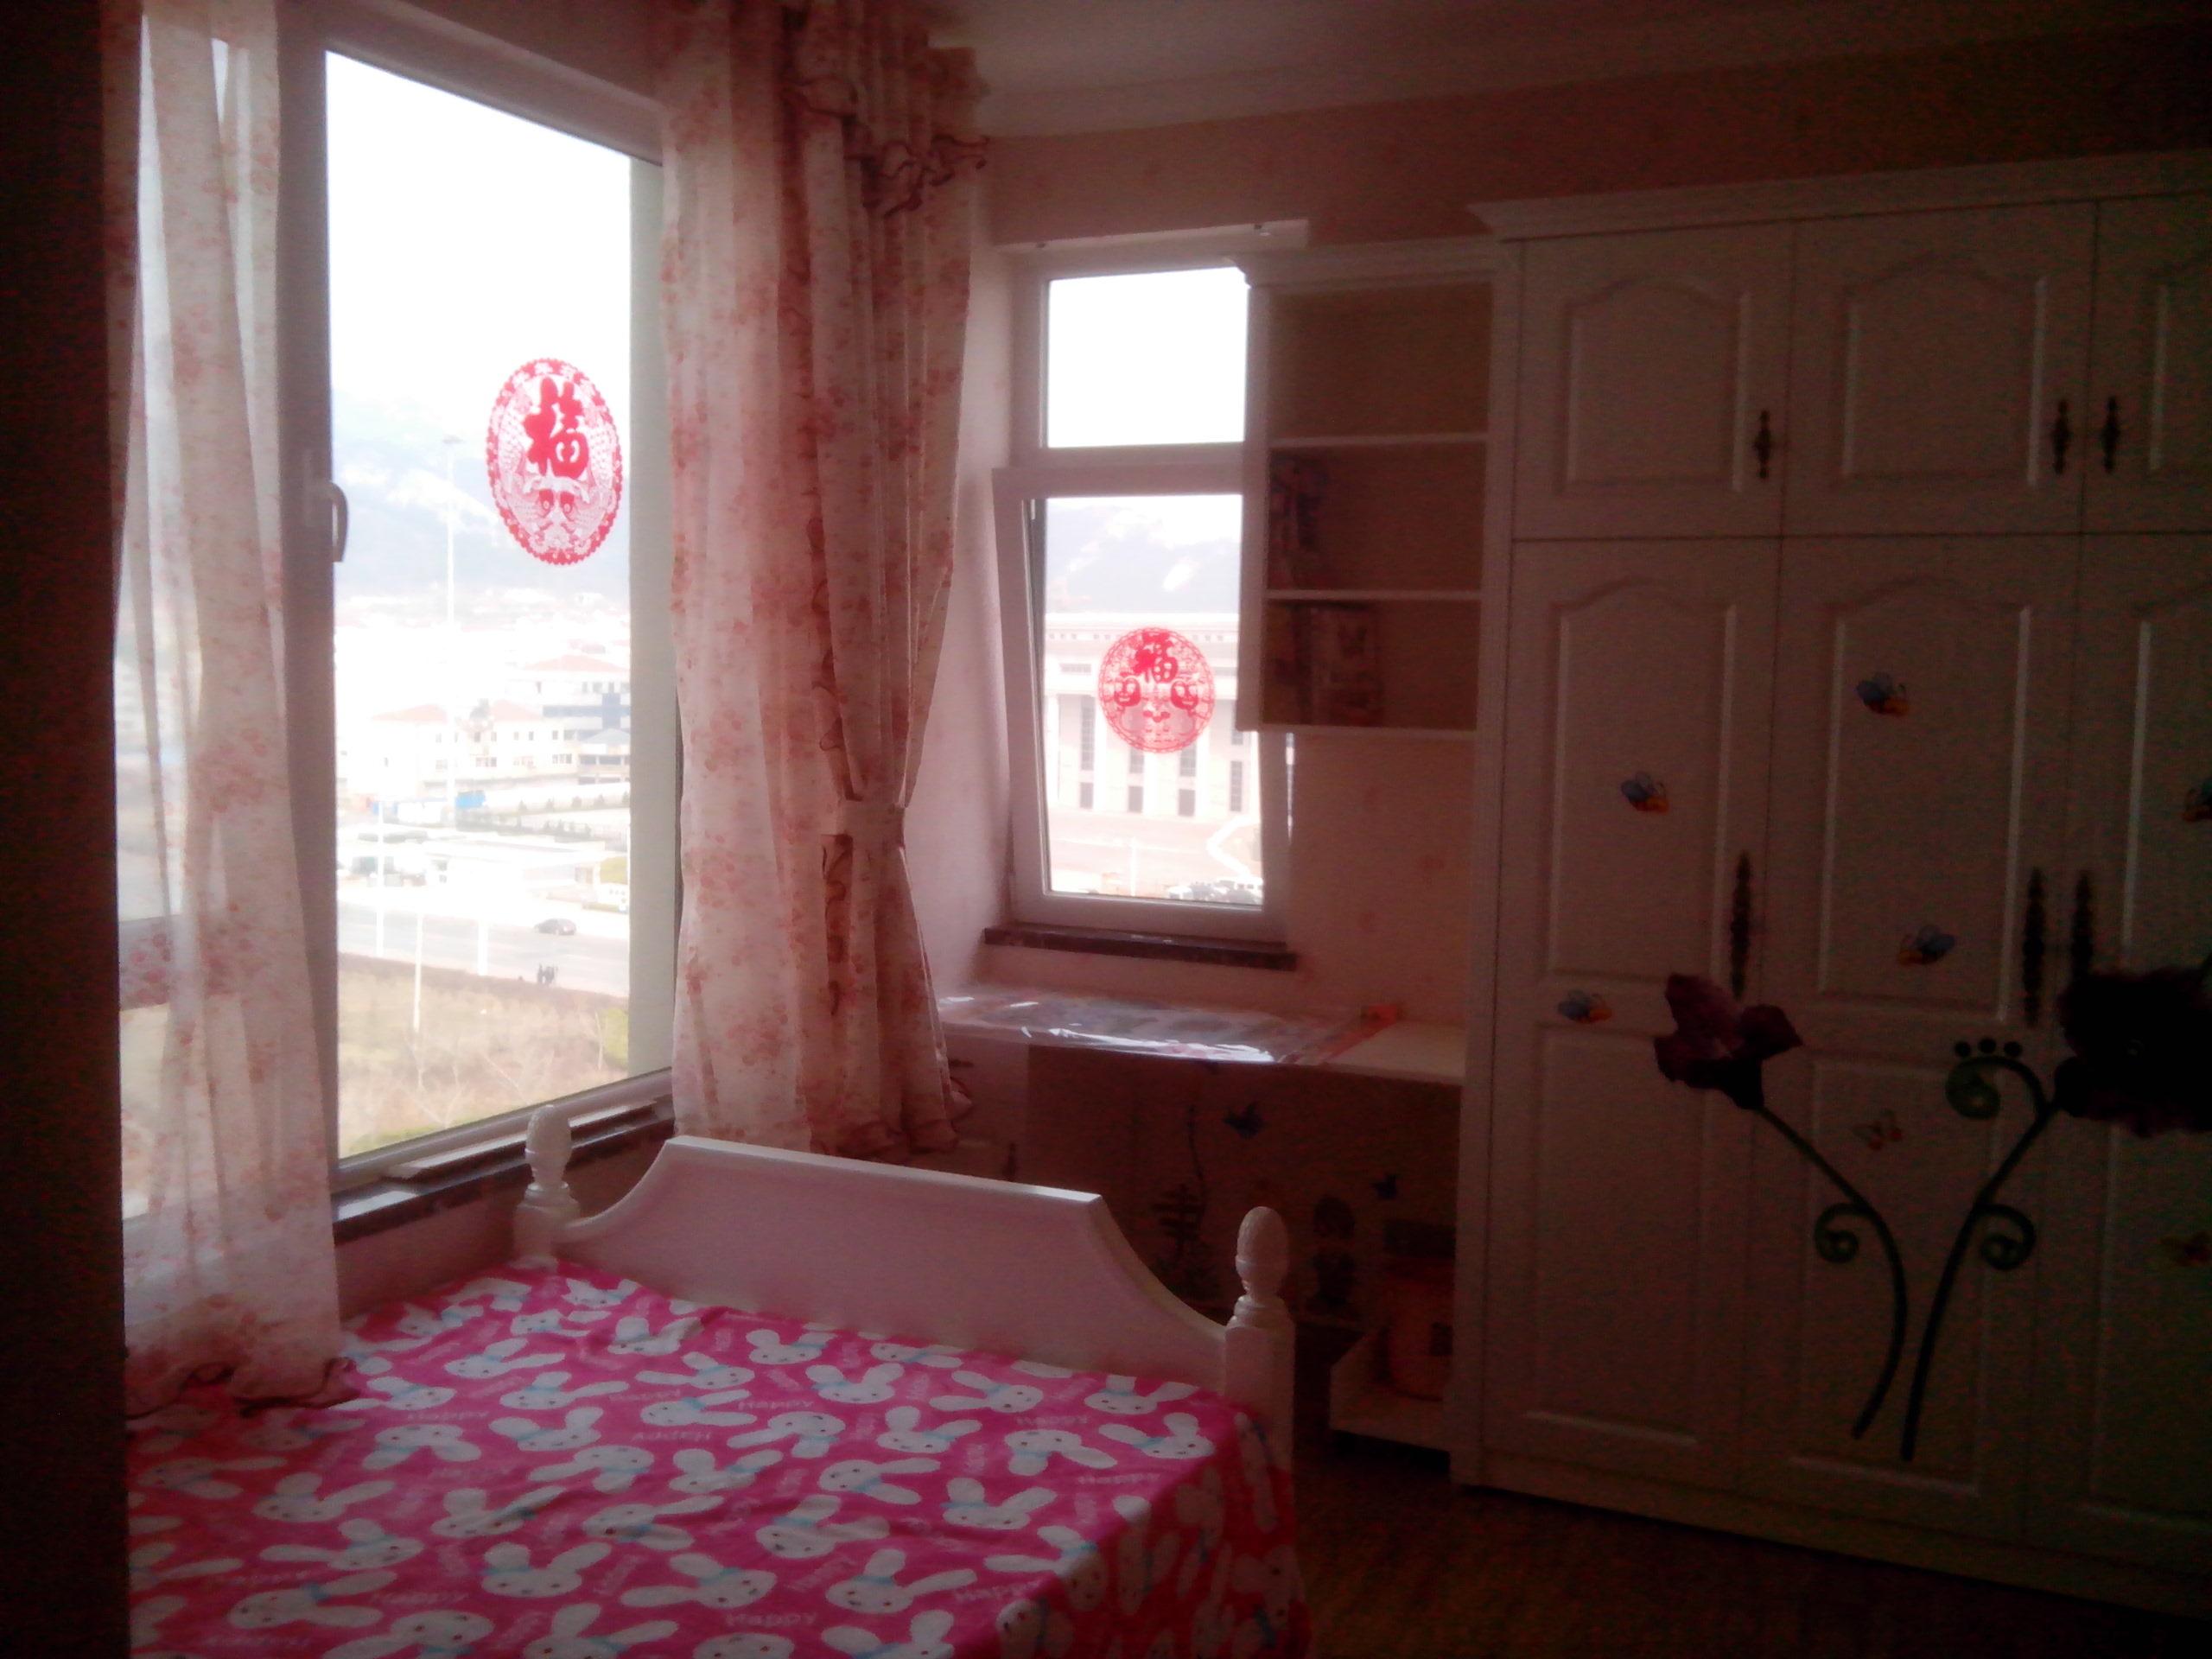 背景墙 房间 家居 设计 卧室 卧室装修 现代 装修 2560_1920